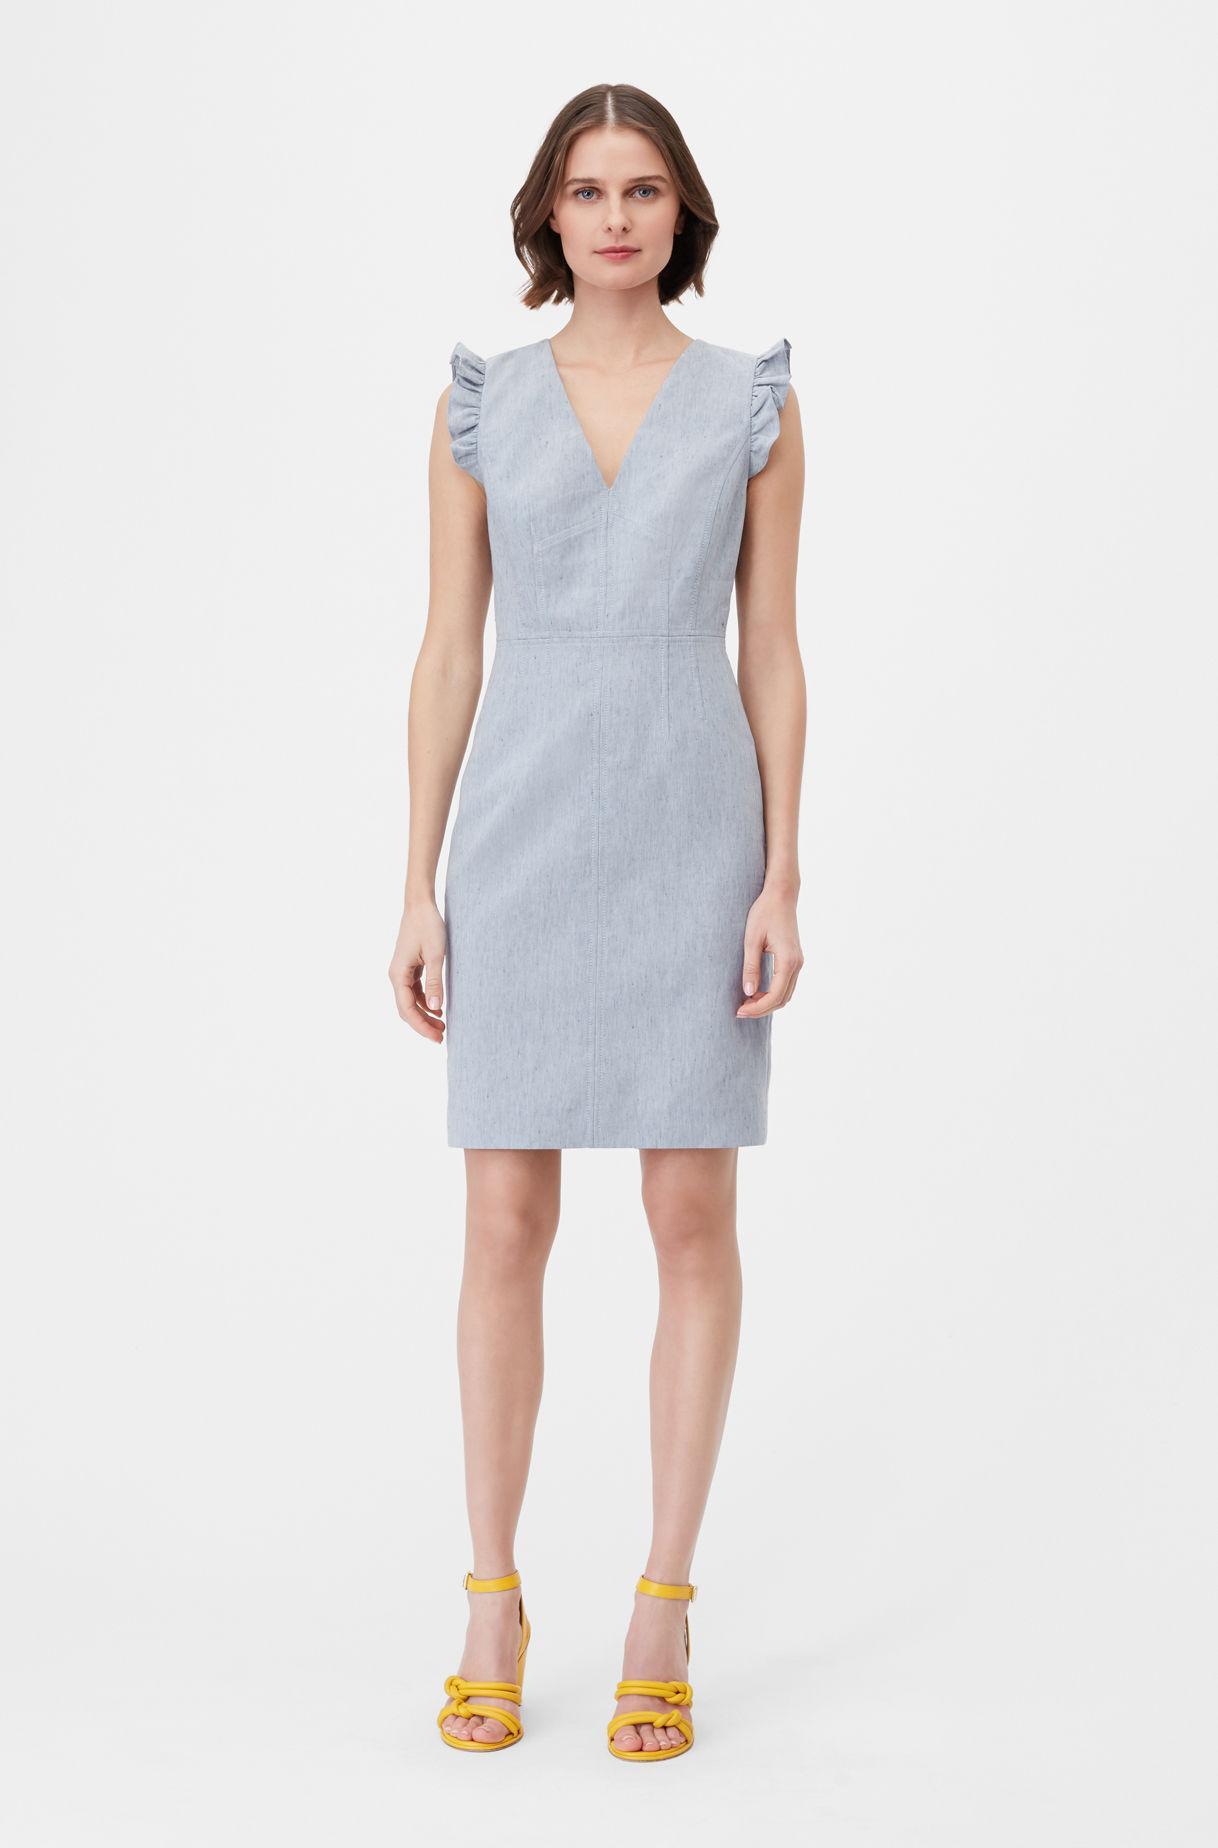 Rebecca Taylor La Vie Gitane Dress - Floral Print | Garmentory